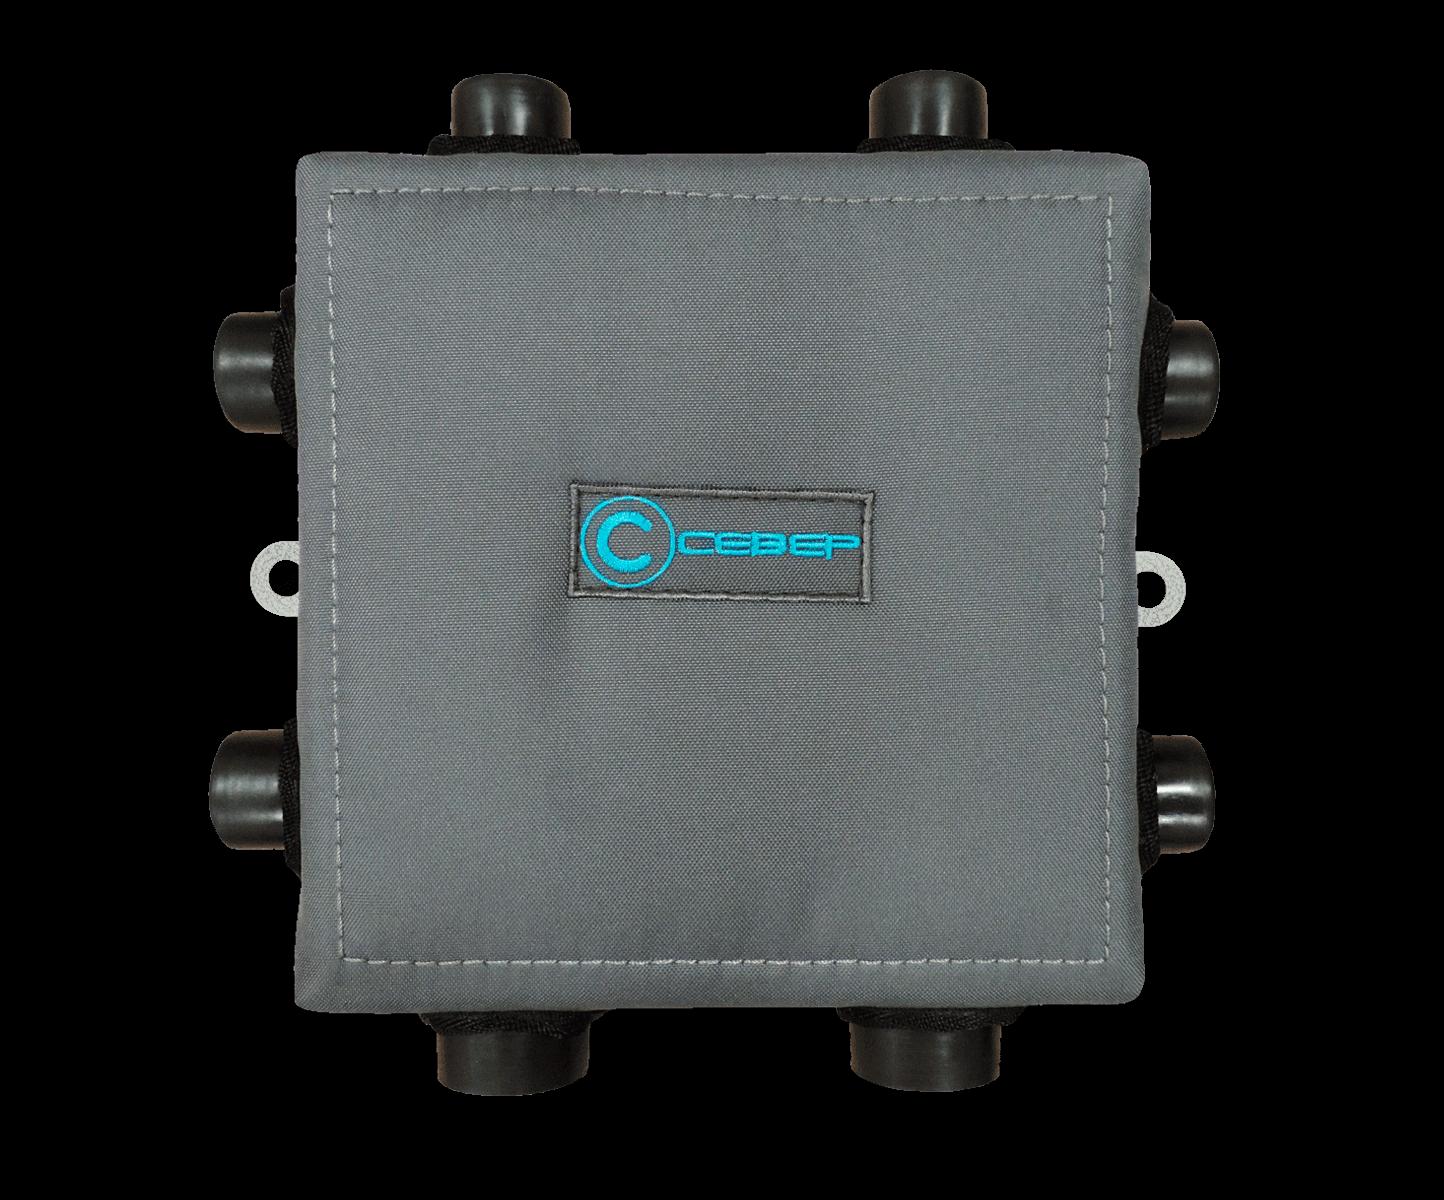 Теплоизоляция, теплоизоляционный чехол для гидрообвязки Север Компакт